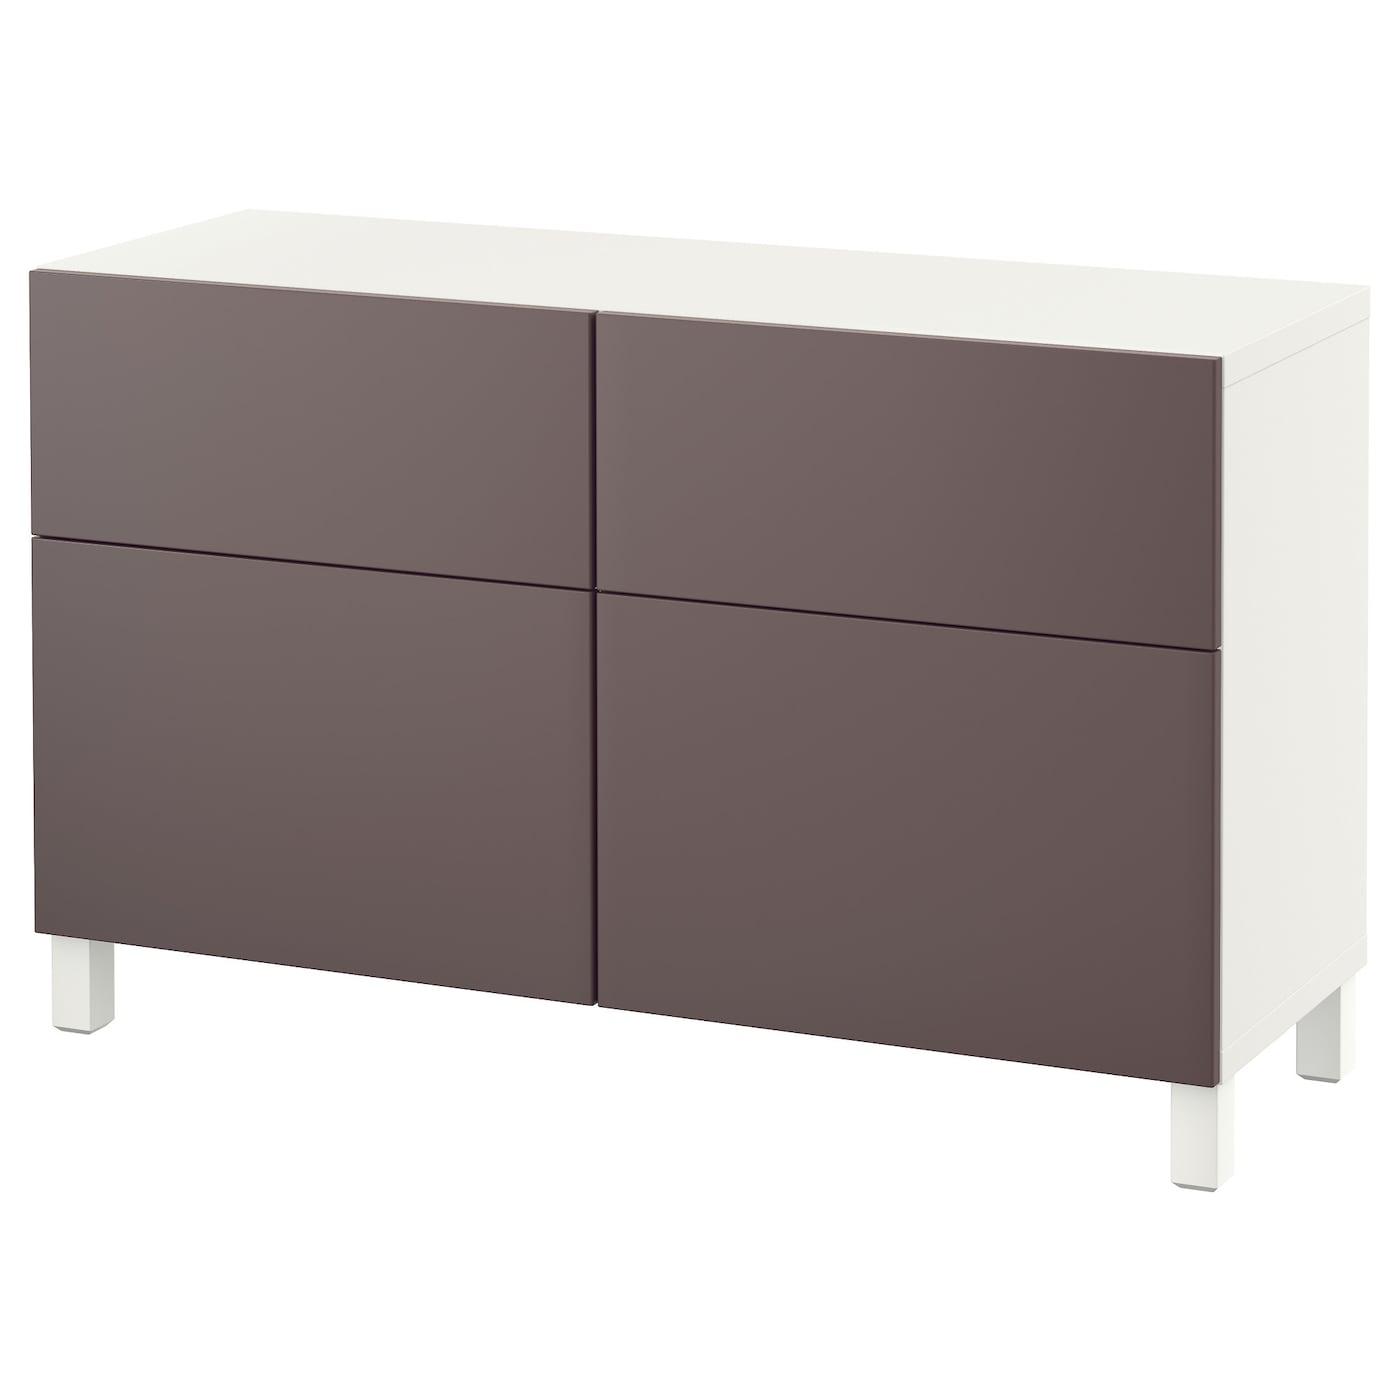 BESTÅ | Wohnzimmer > TV-HiFi-Möbel | Weiß | Papier | IKEA